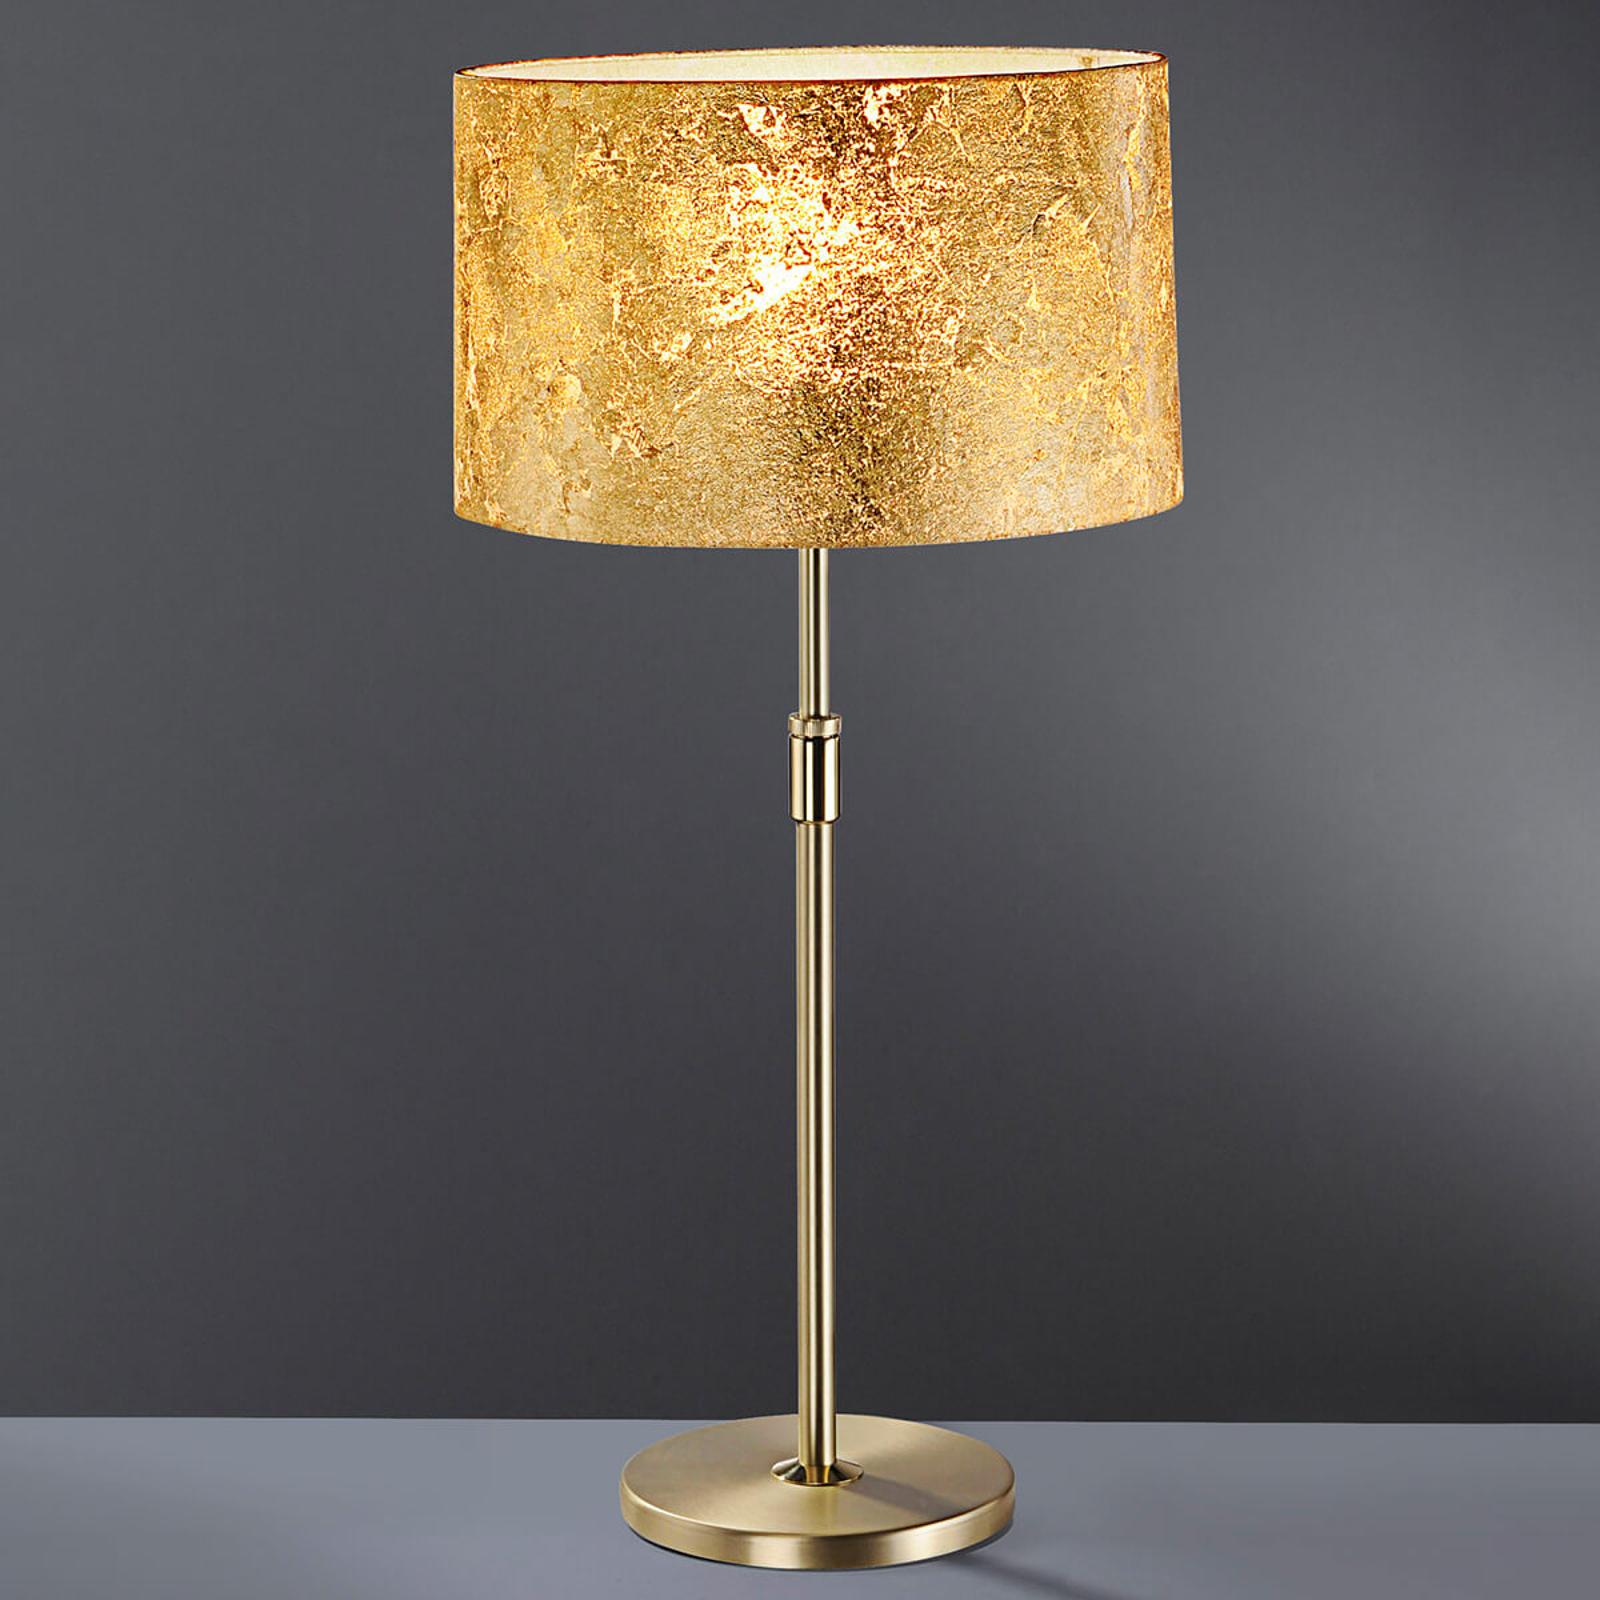 Blattgold-Tischleuchte Loop 55 - 75 cm hoch